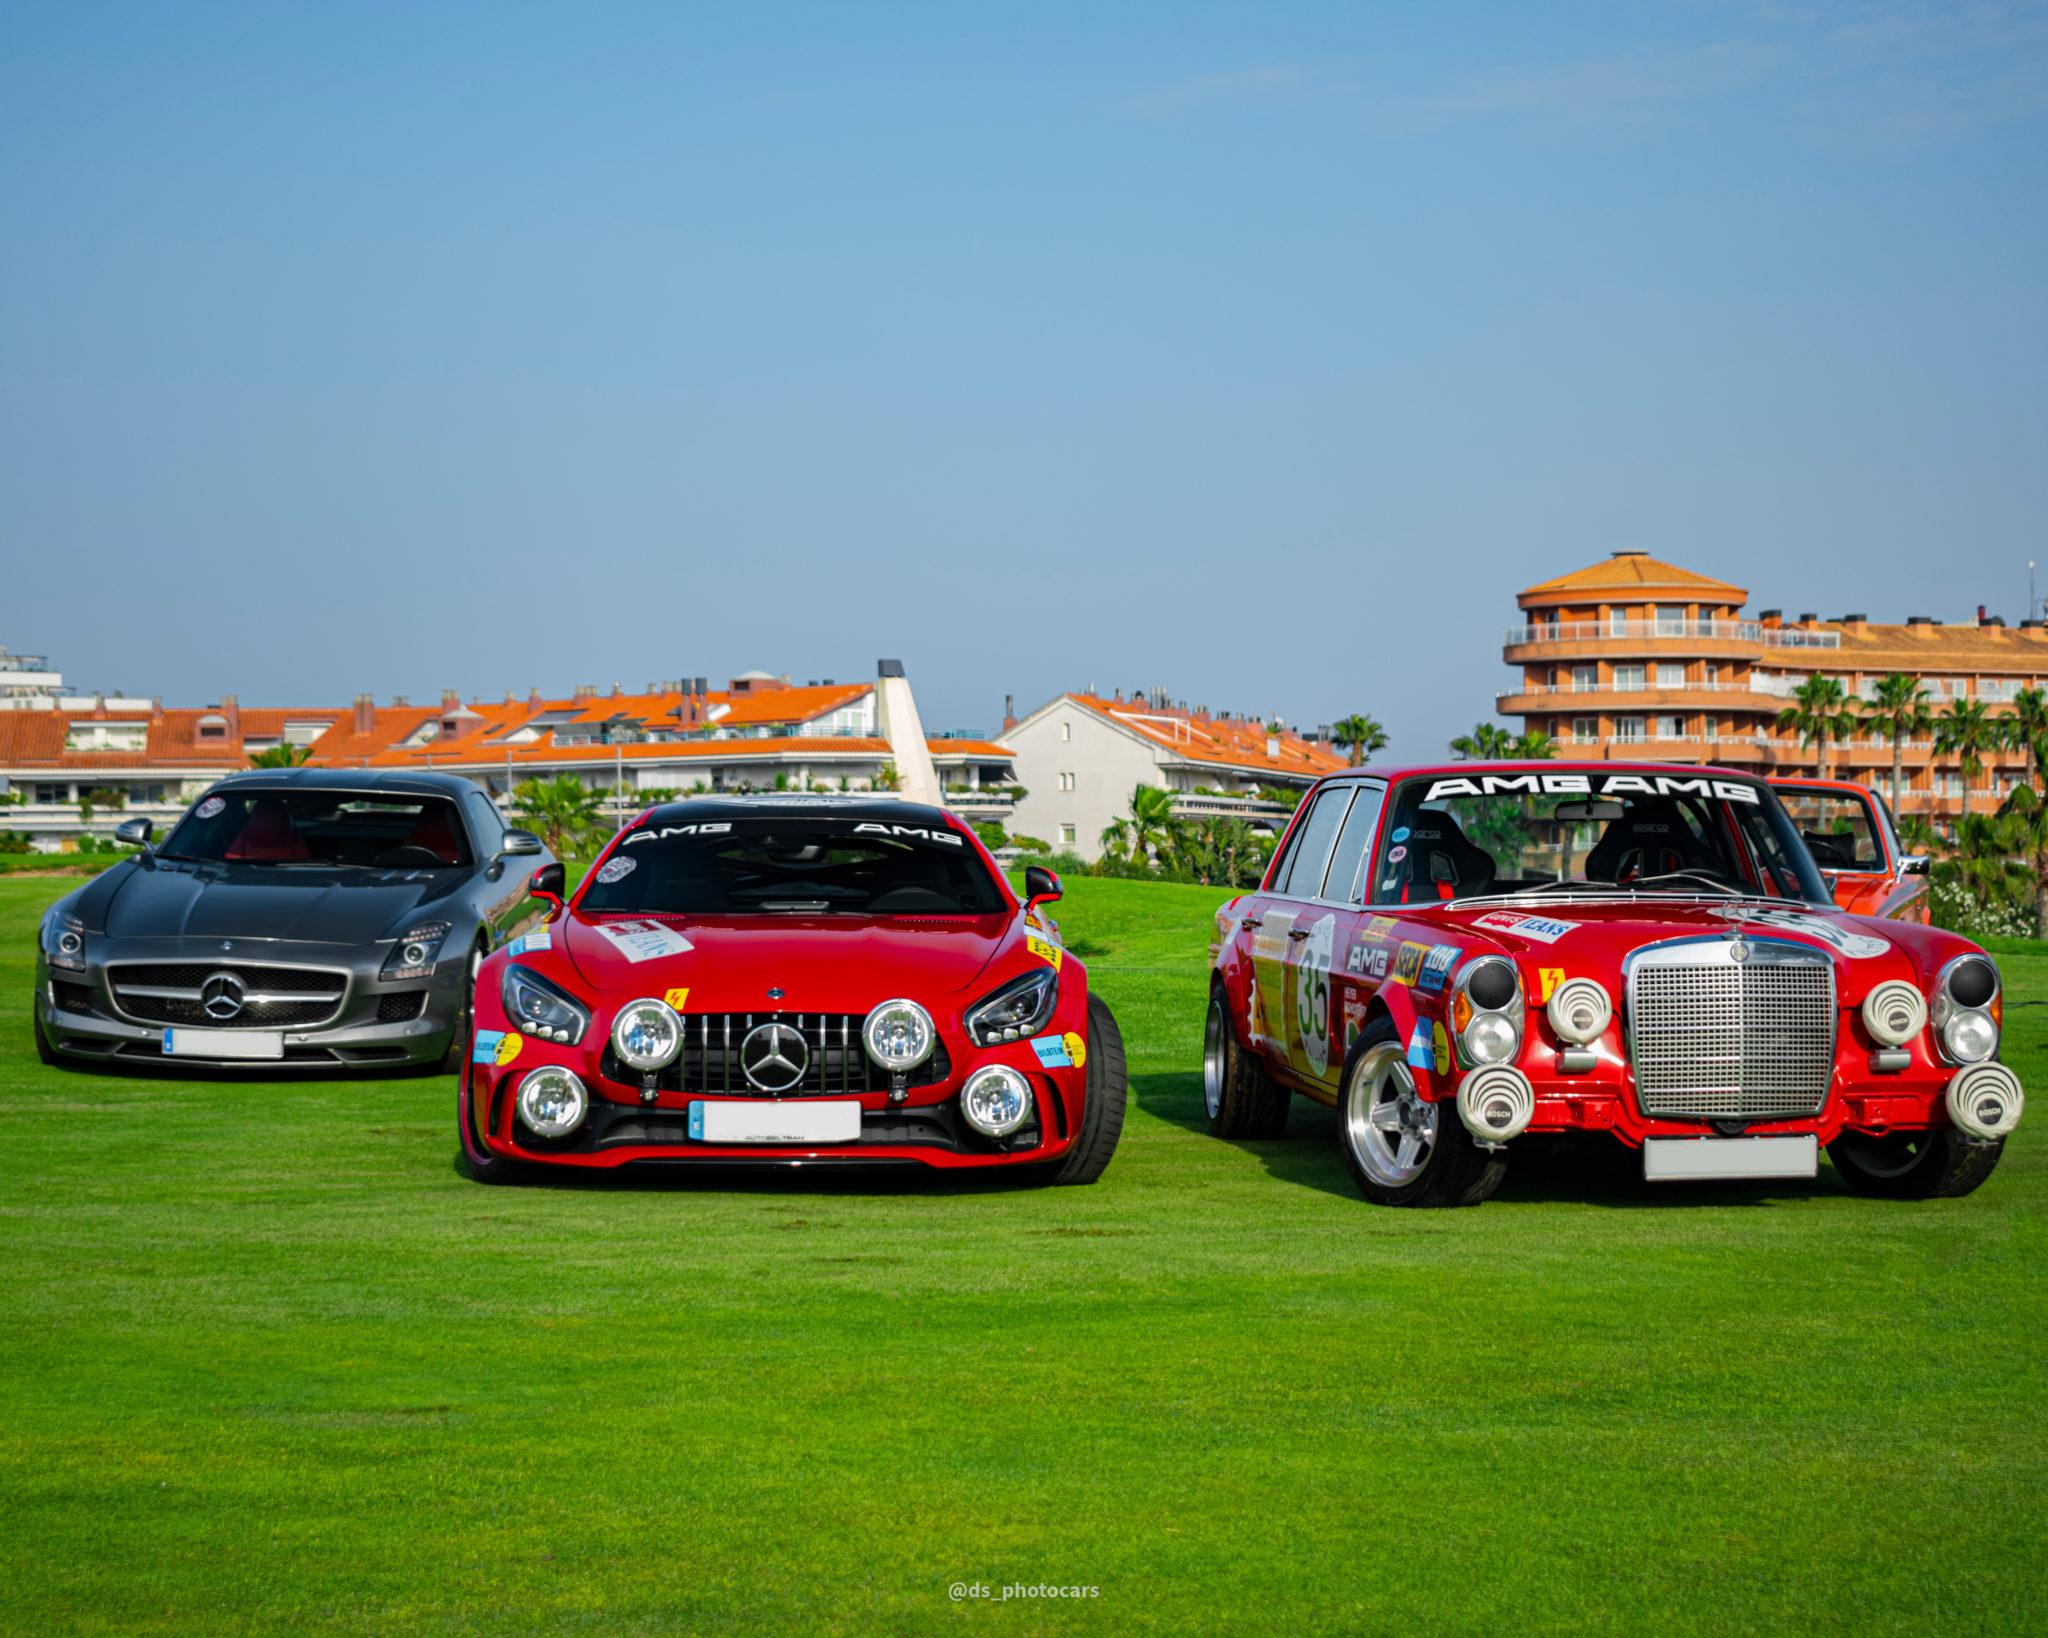 Mercedes AMG en Autobello Barcelona 2021